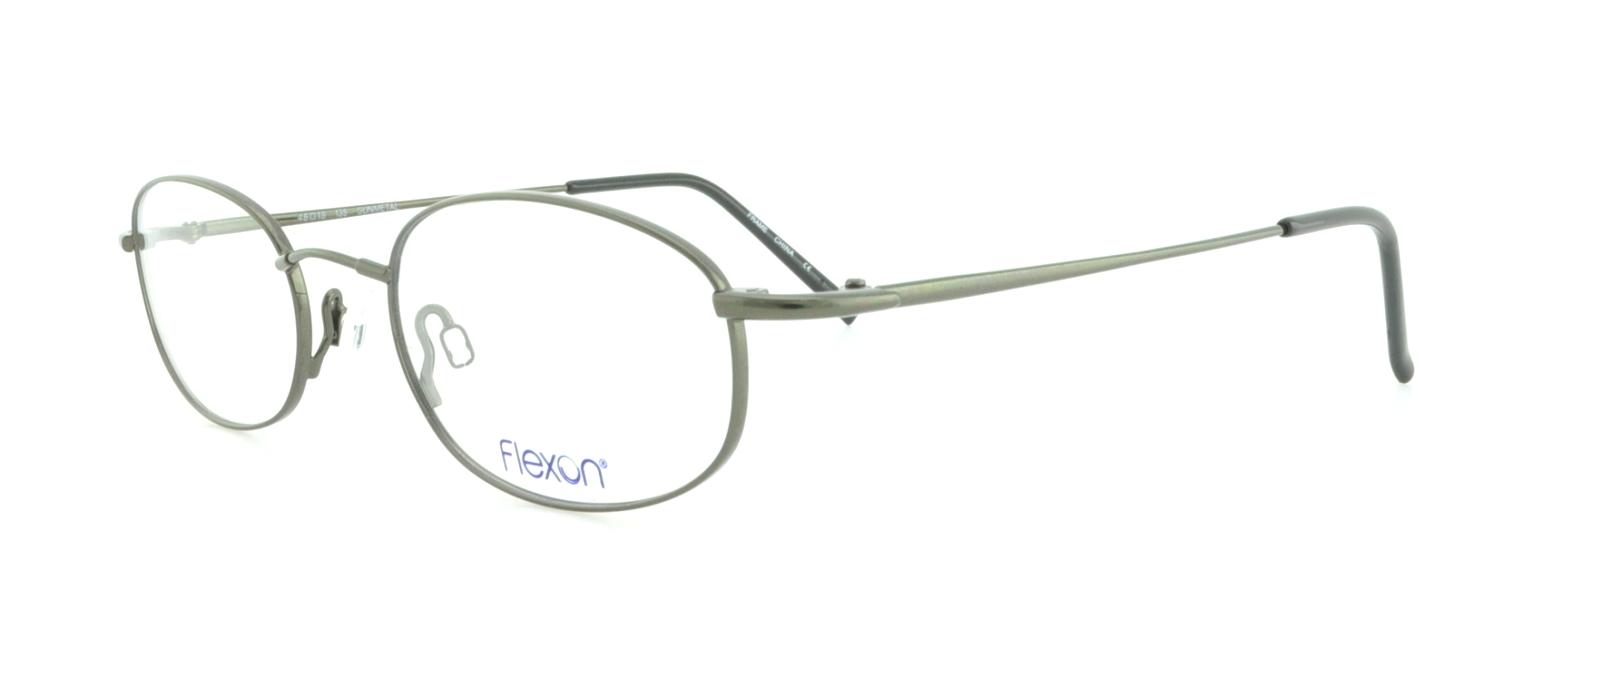 Designer Frames Outlet. Flexon 609